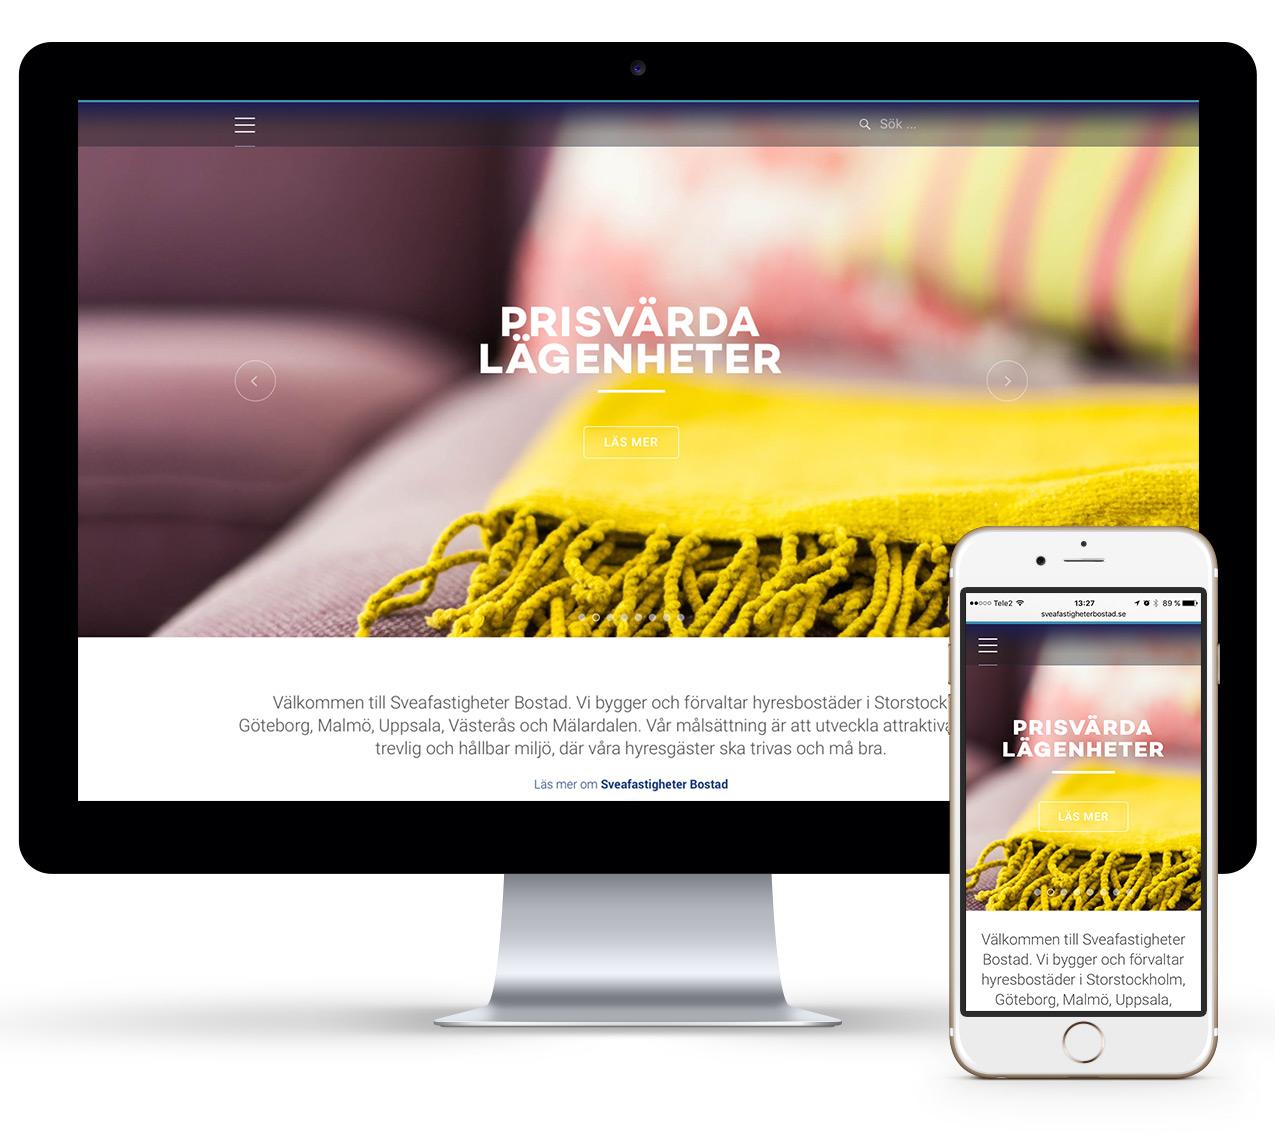 Sveafastigheter Bostad Wonderfour webbyrå